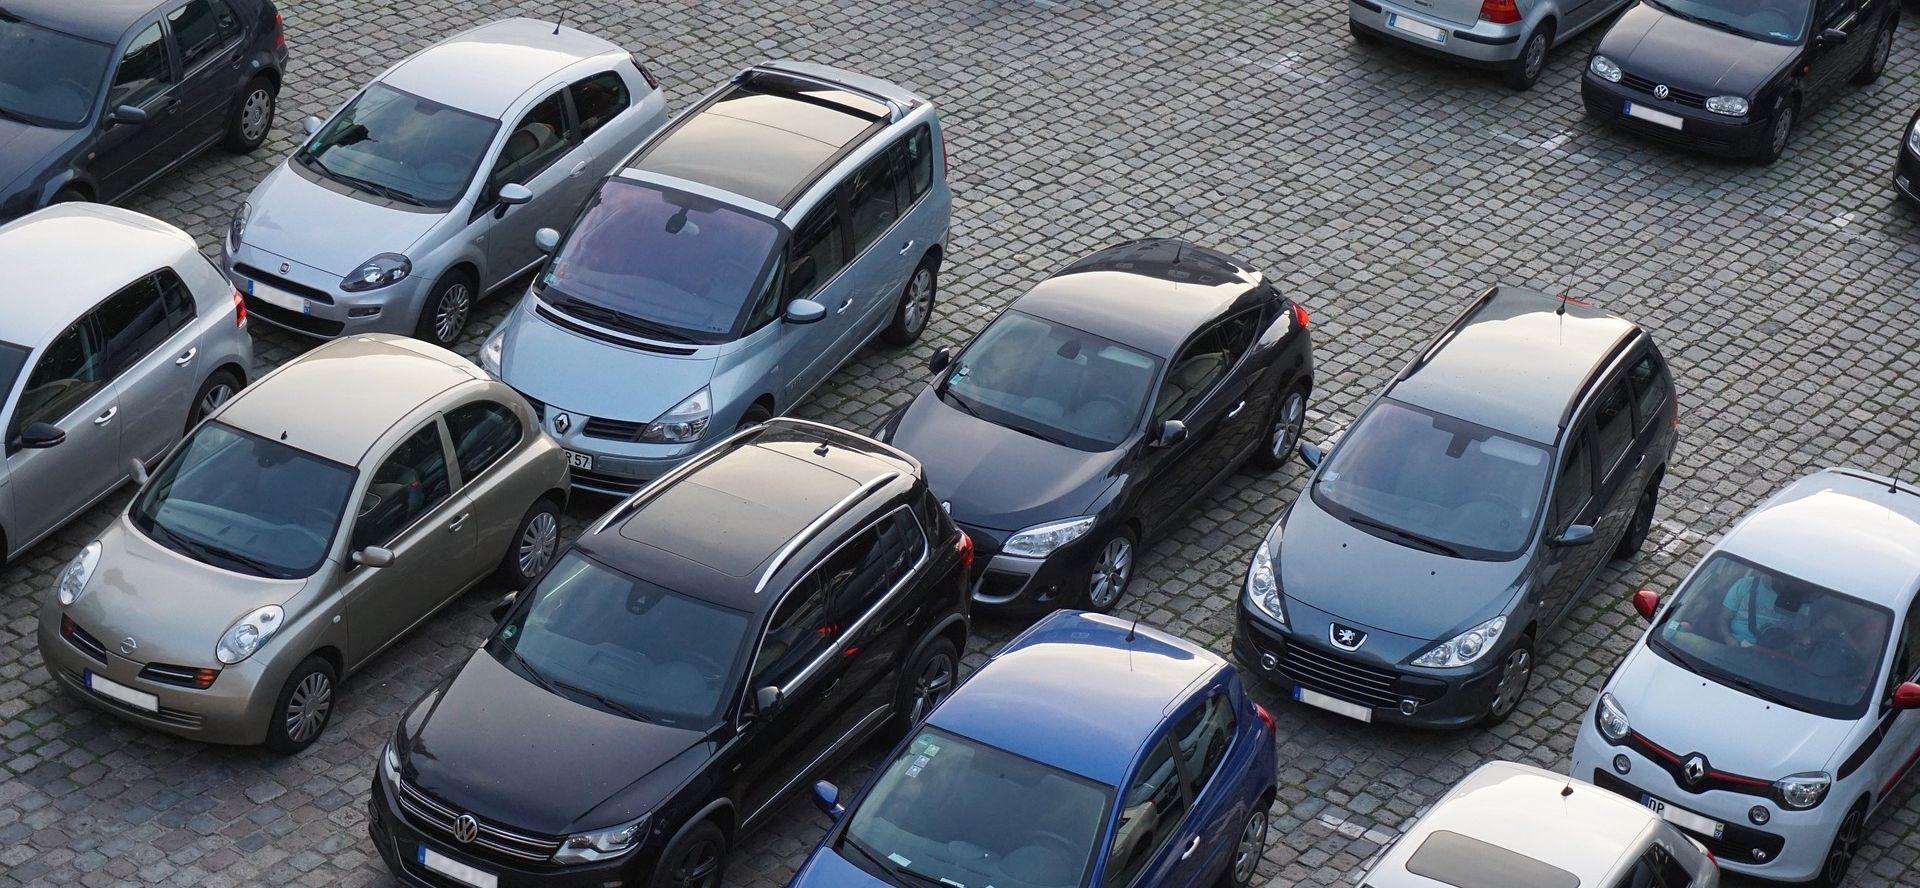 Poskupljuje parkiranje u svim zonama i garažama u Zagrebu